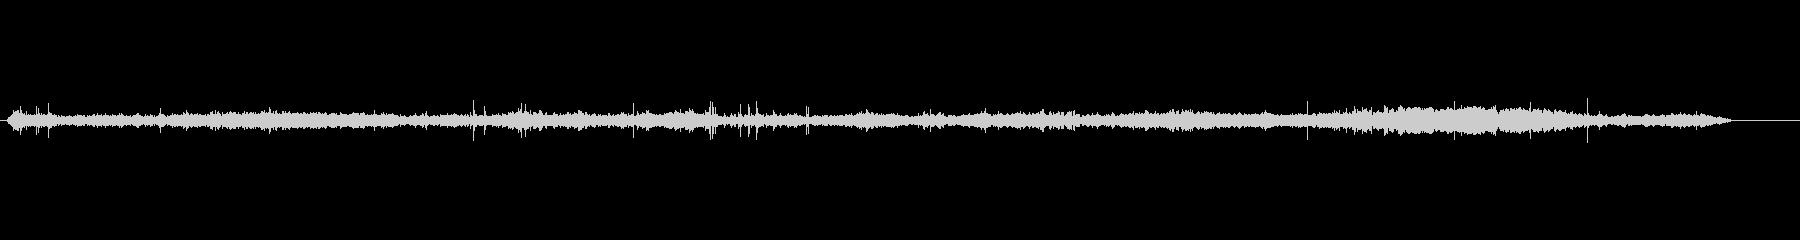 カフェバー-声-プレートの未再生の波形